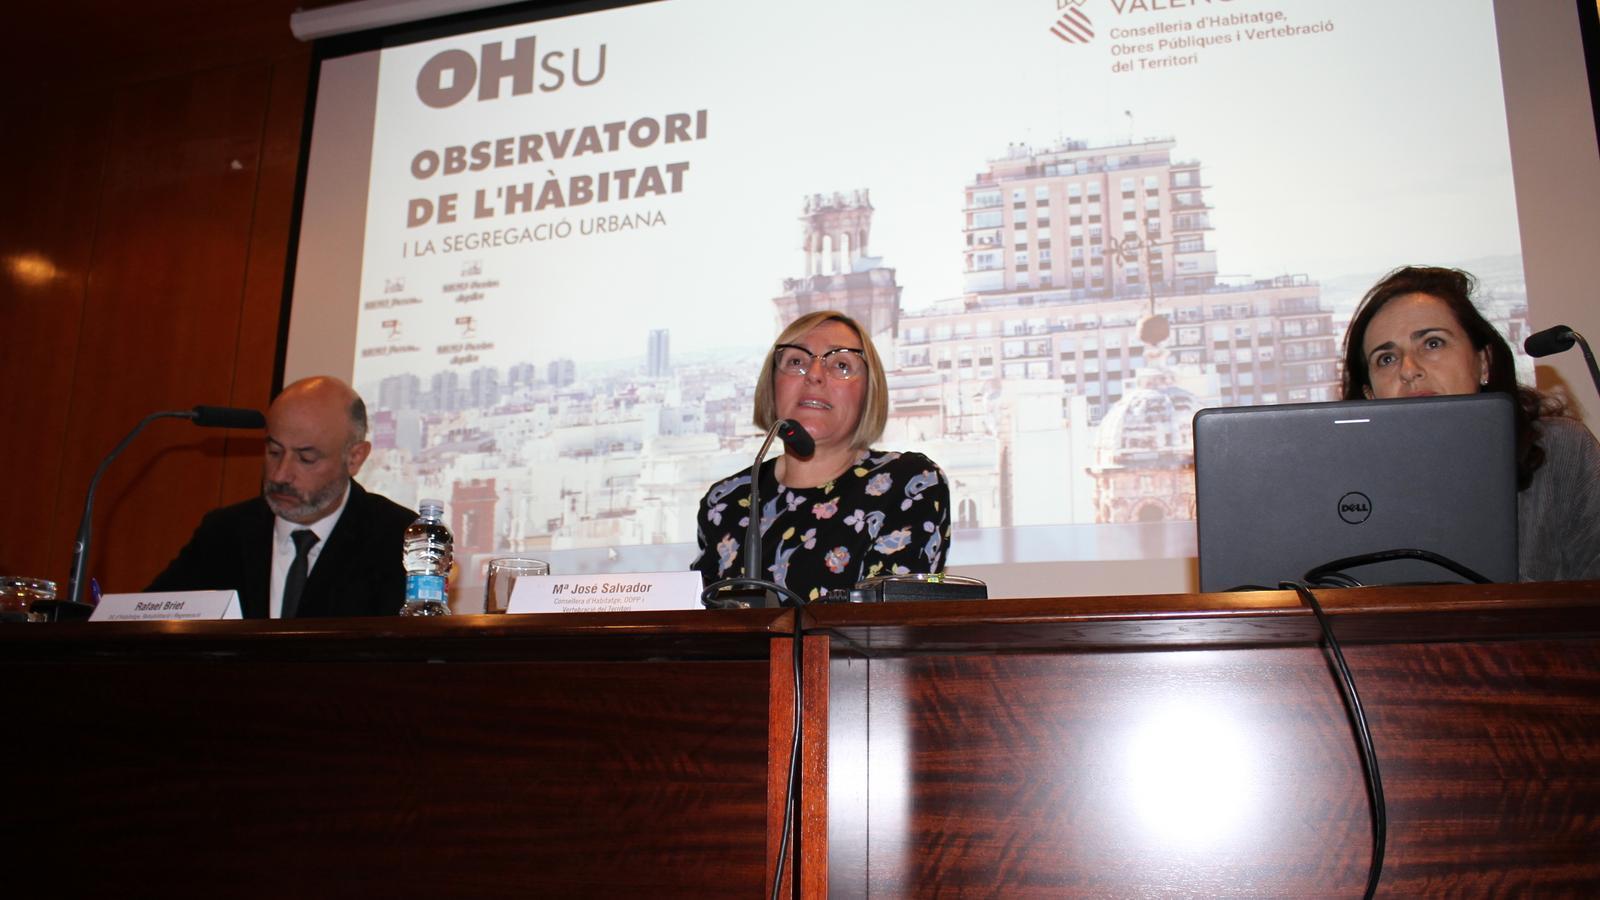 Acte de presentació de l'Observatori de l'Hàbitat i la Segregació Urbana